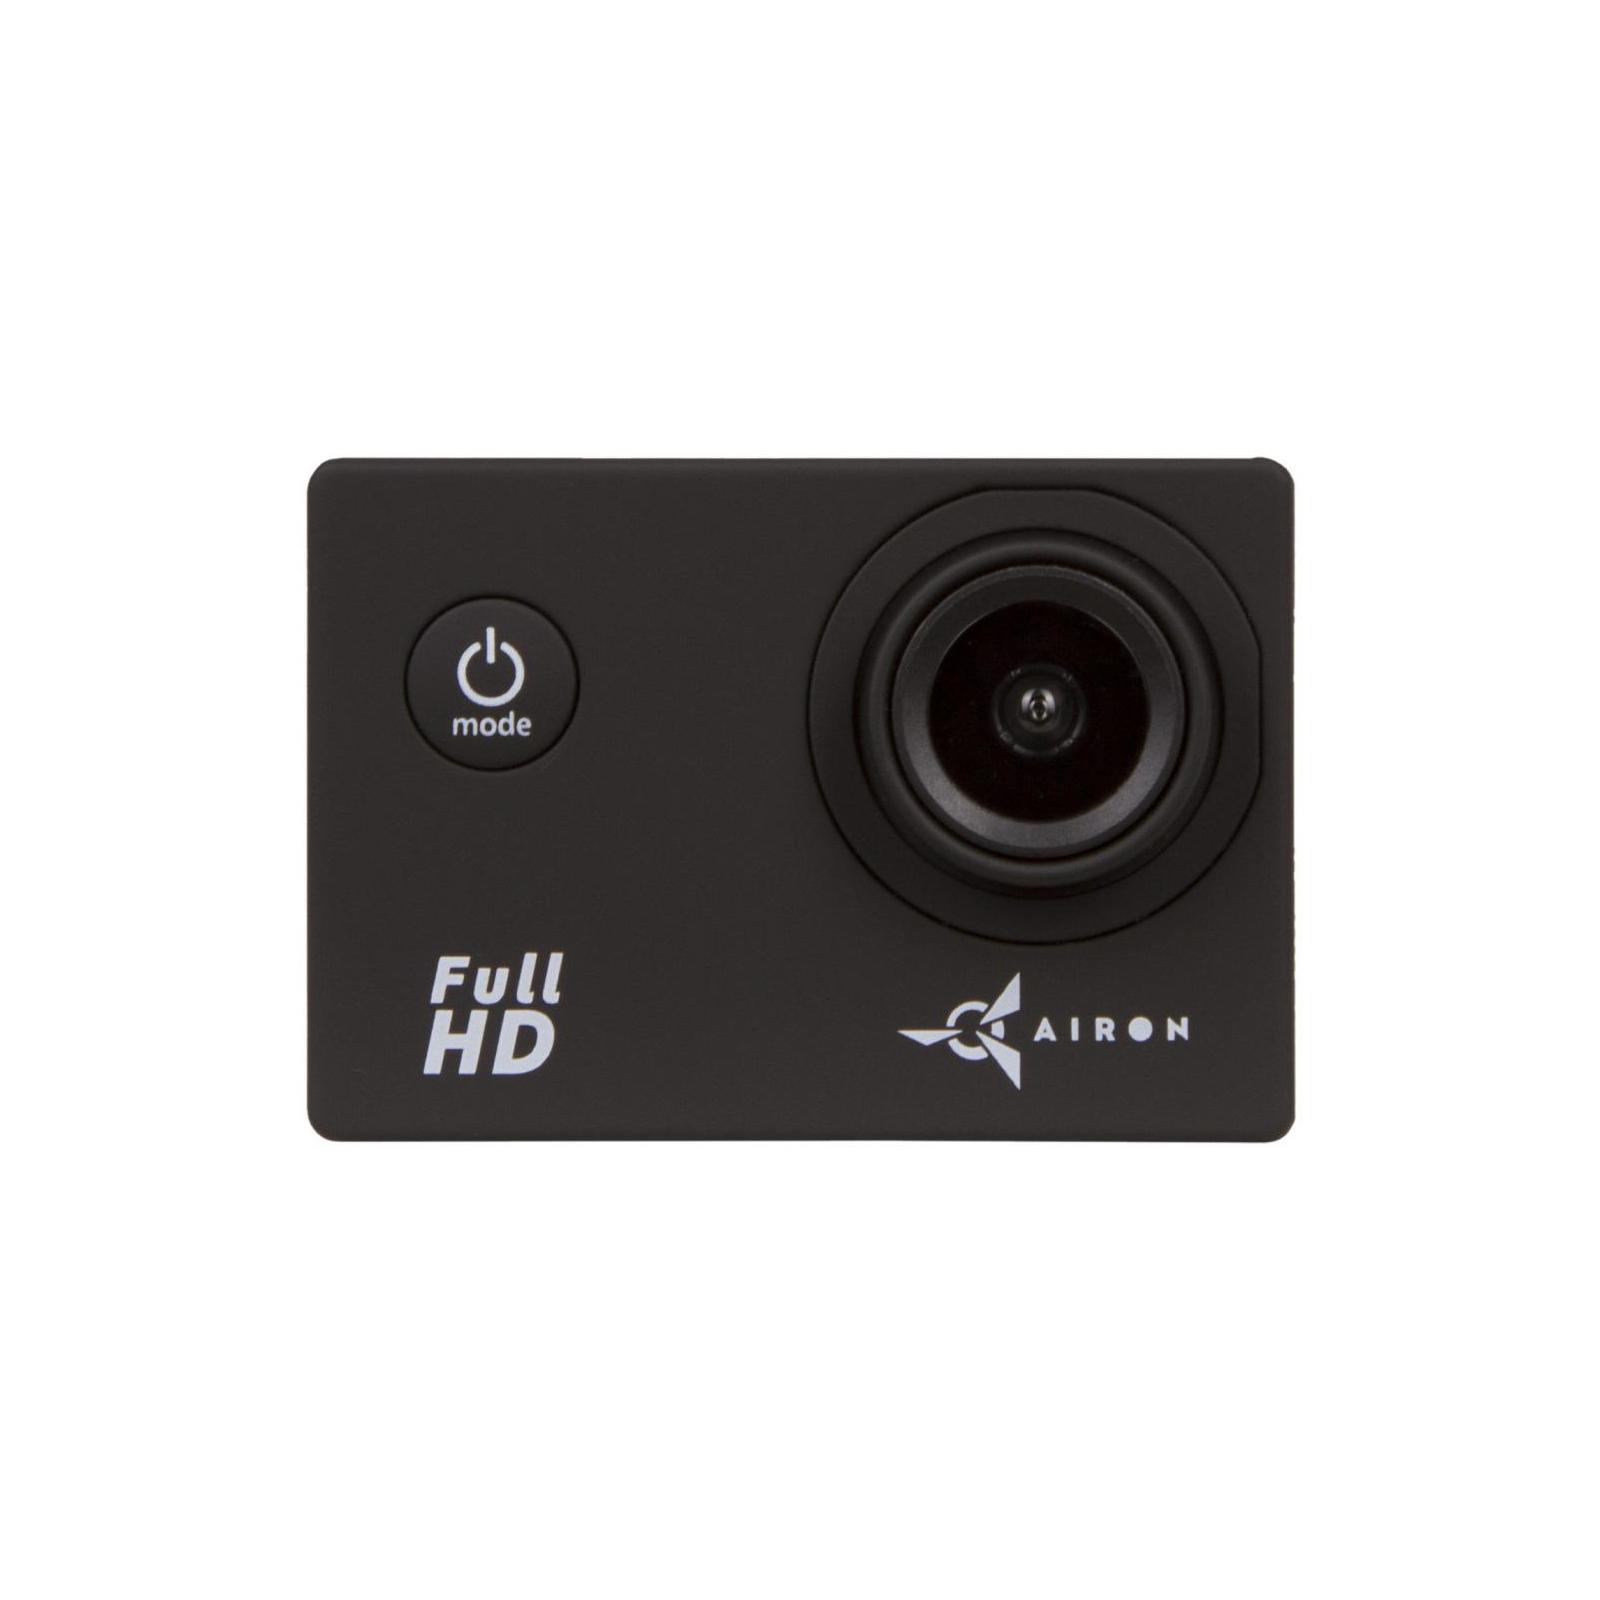 Экшн-камера AirOn Simple Full HD black (4822356754471) изображение 2